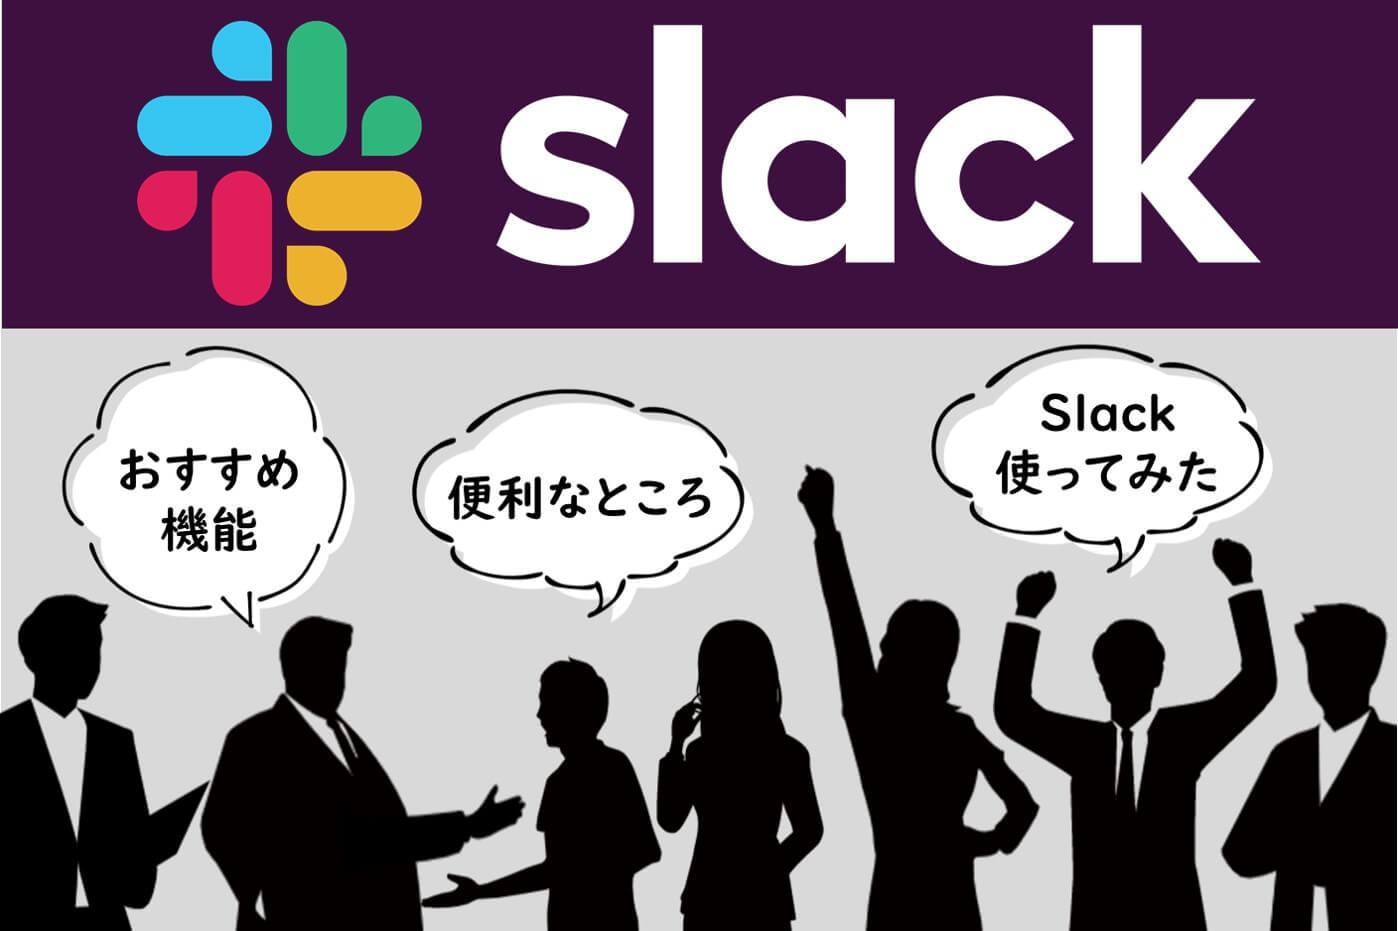 チャットツール「Slack」。使ってみてわかった便利なところやおすすめな機能!